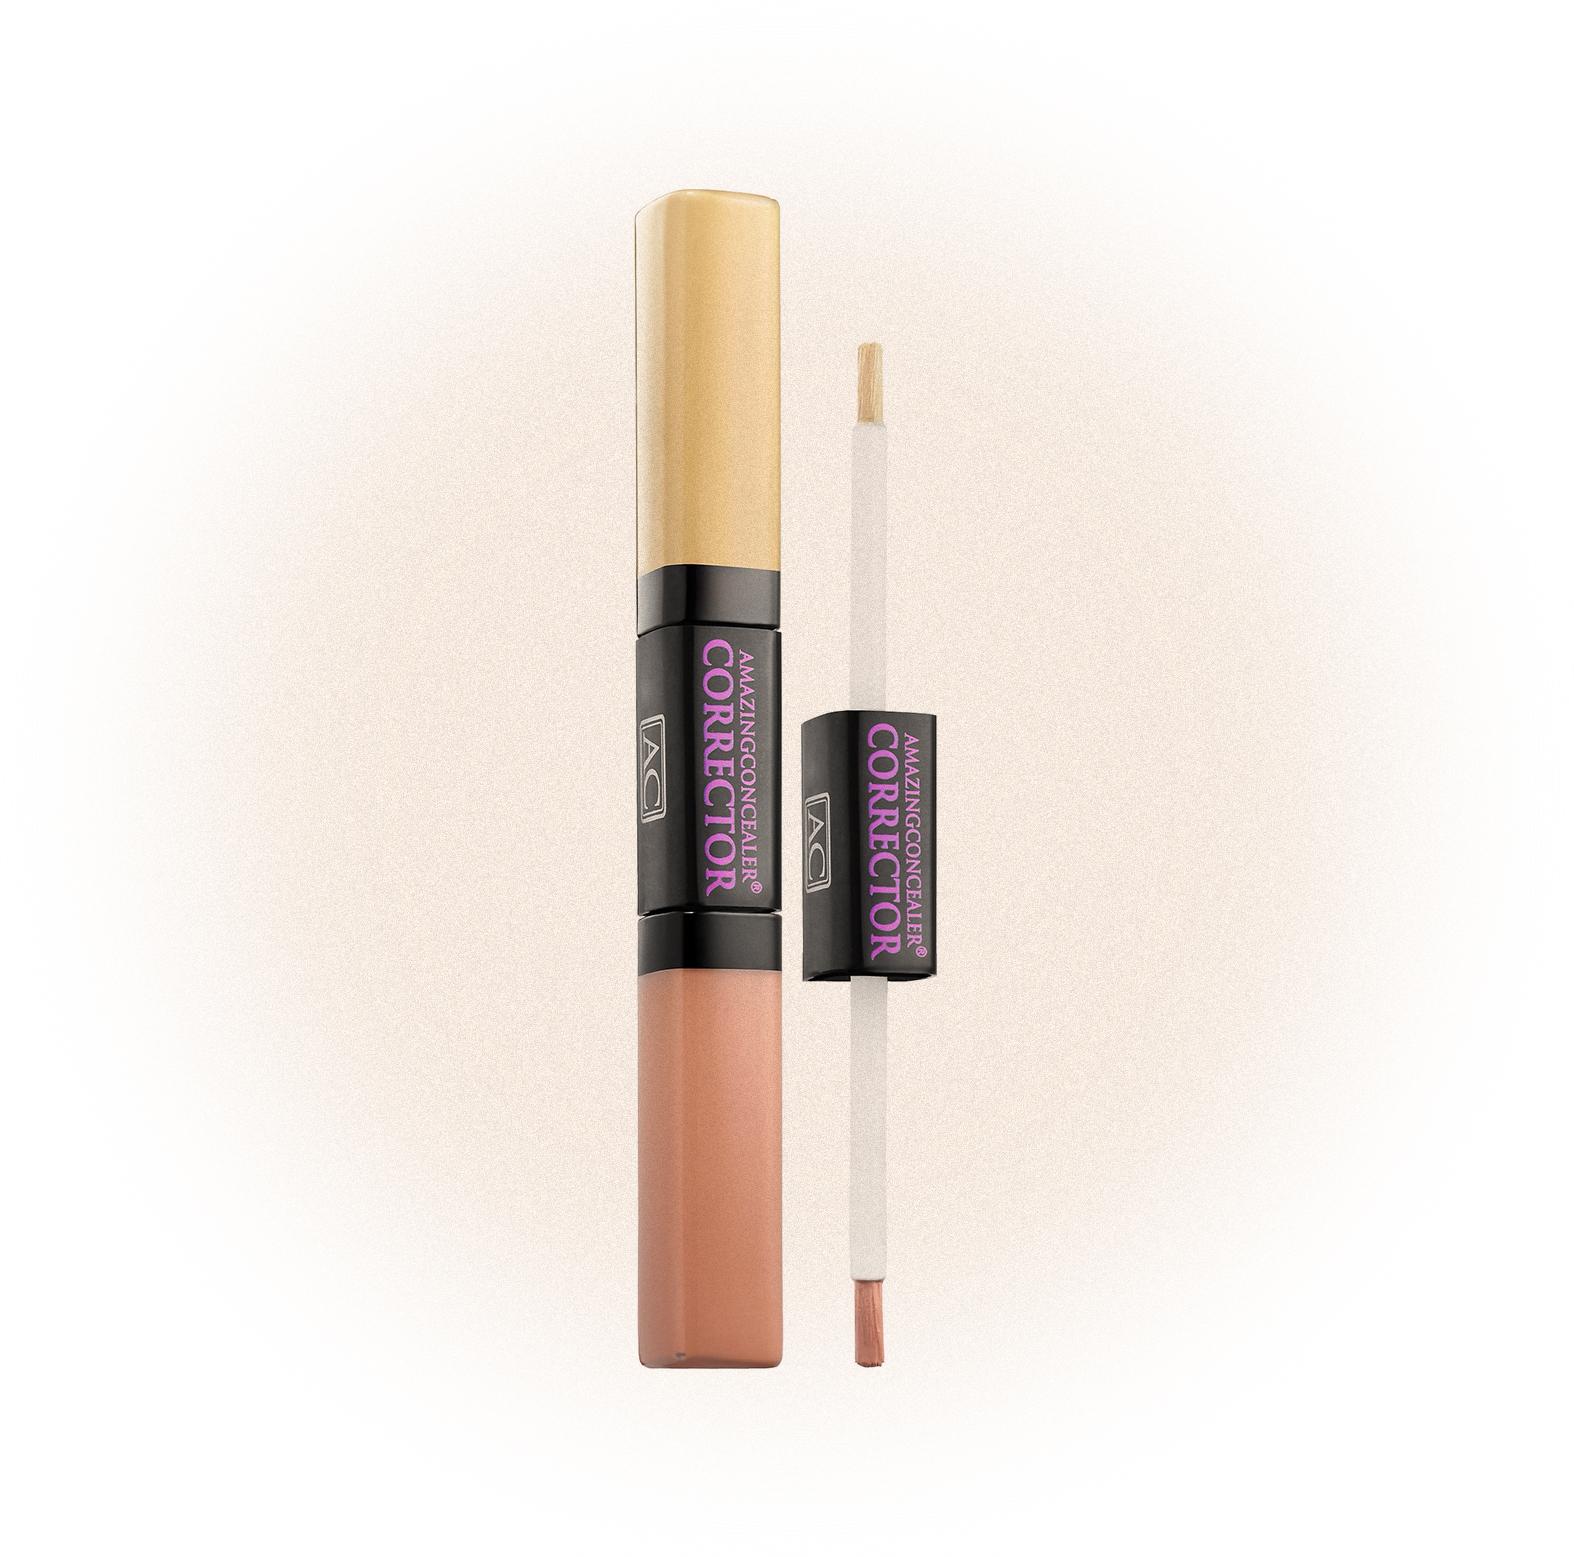 Корректор для лица Color Corrector, Light/Medium, Amazing Cosmetics (фото AC-1)